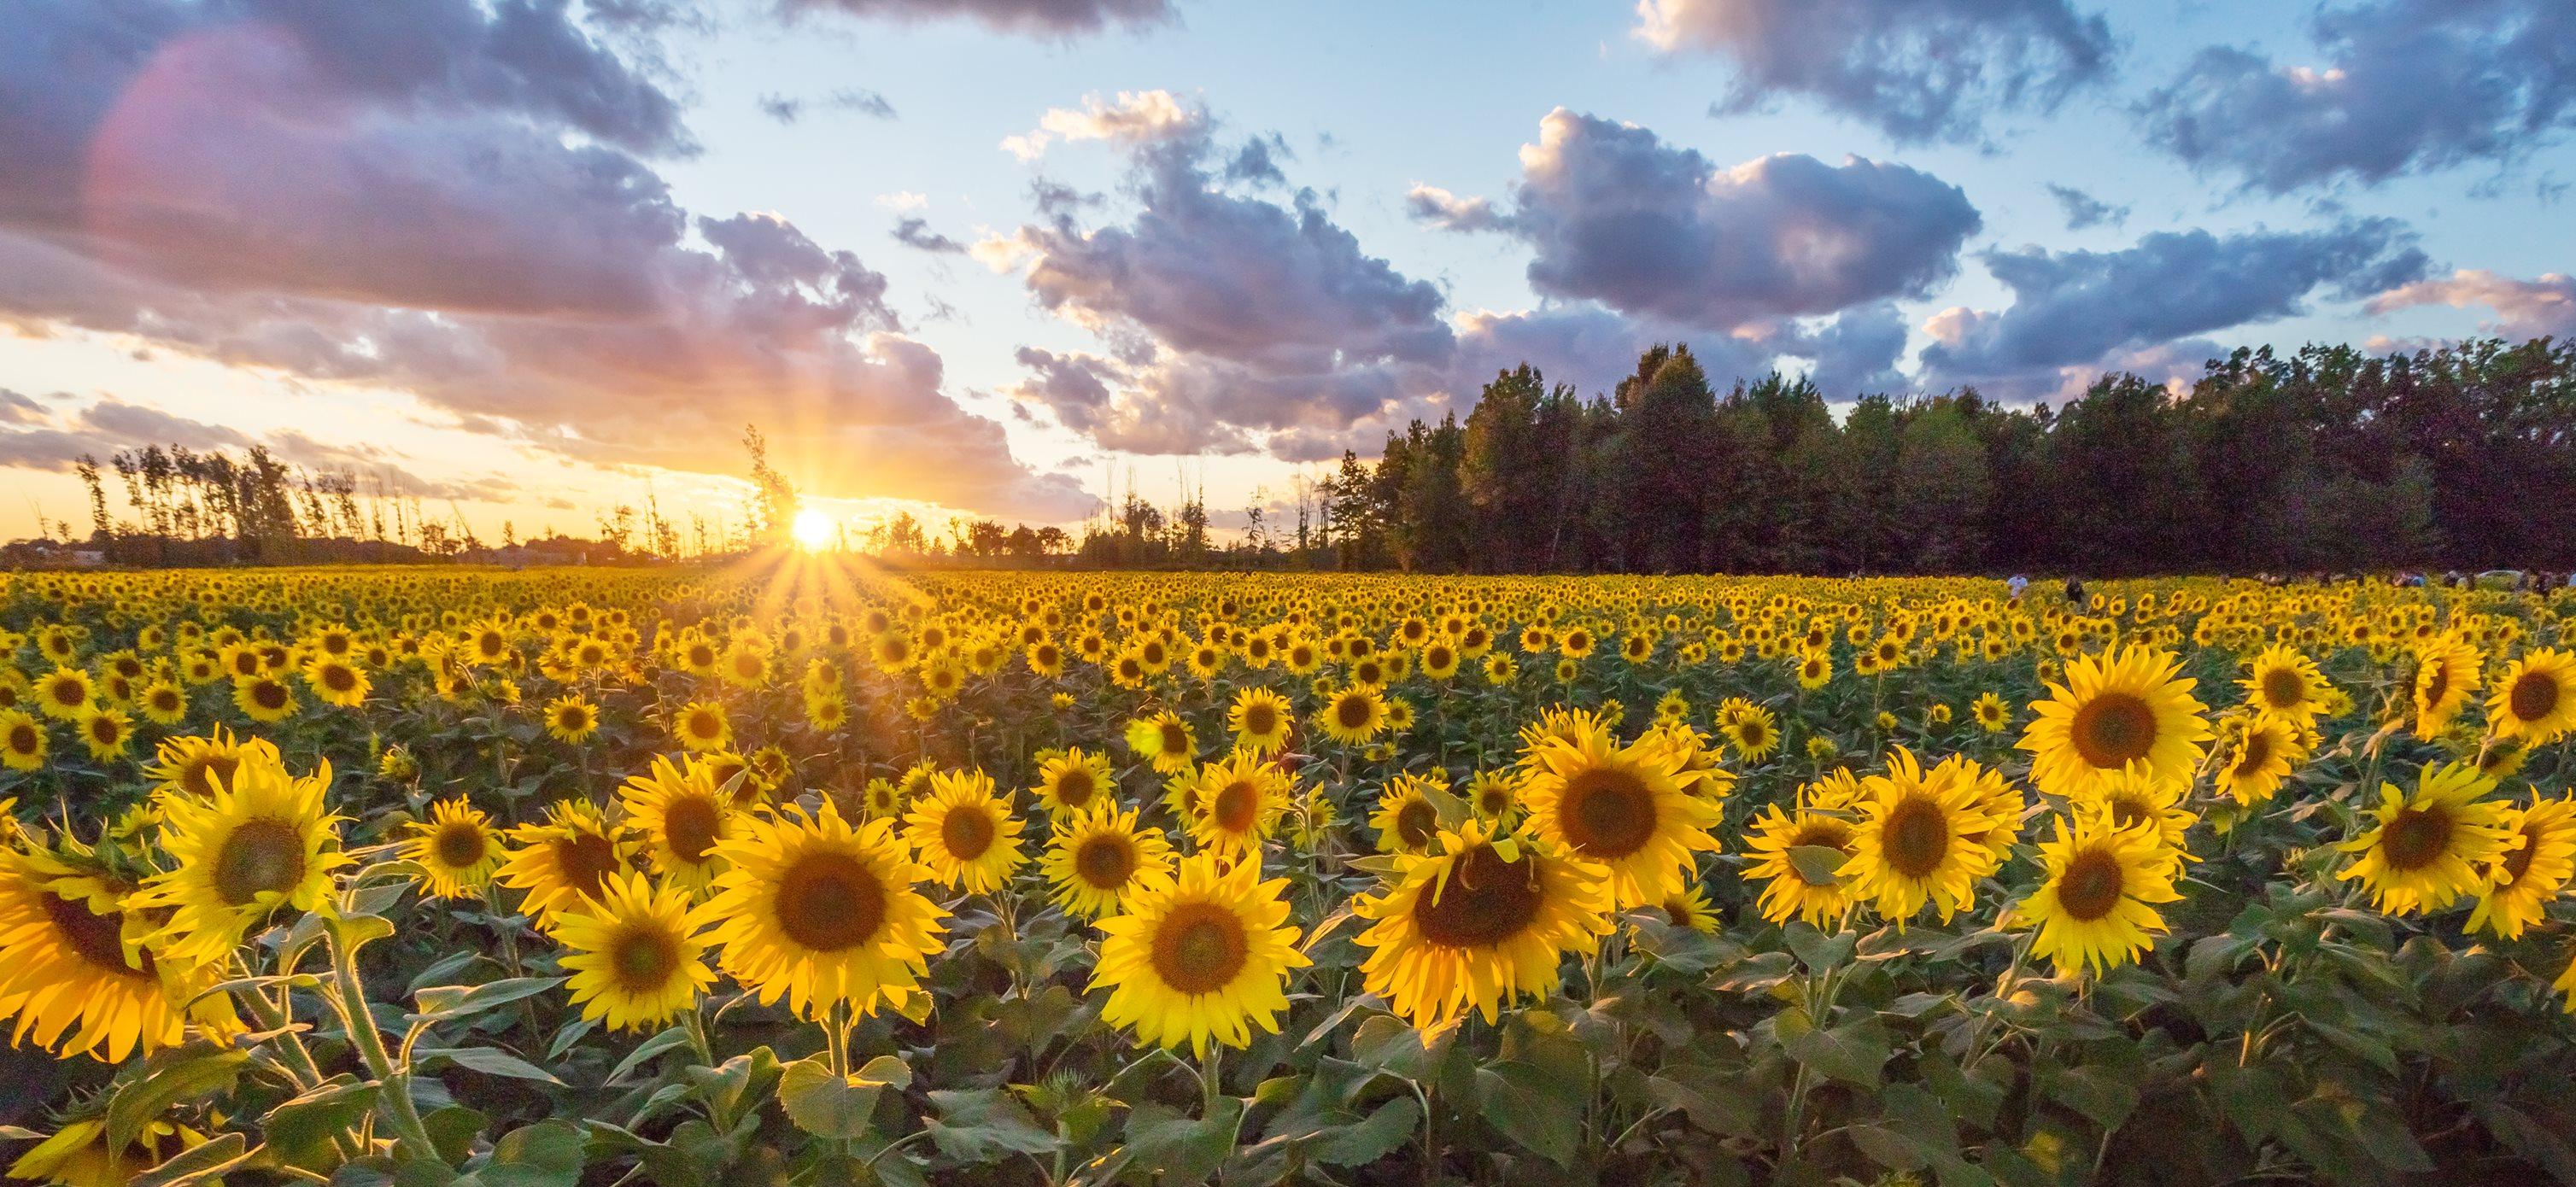 Prayers From Maria Sunflower Field In Avon Ohio